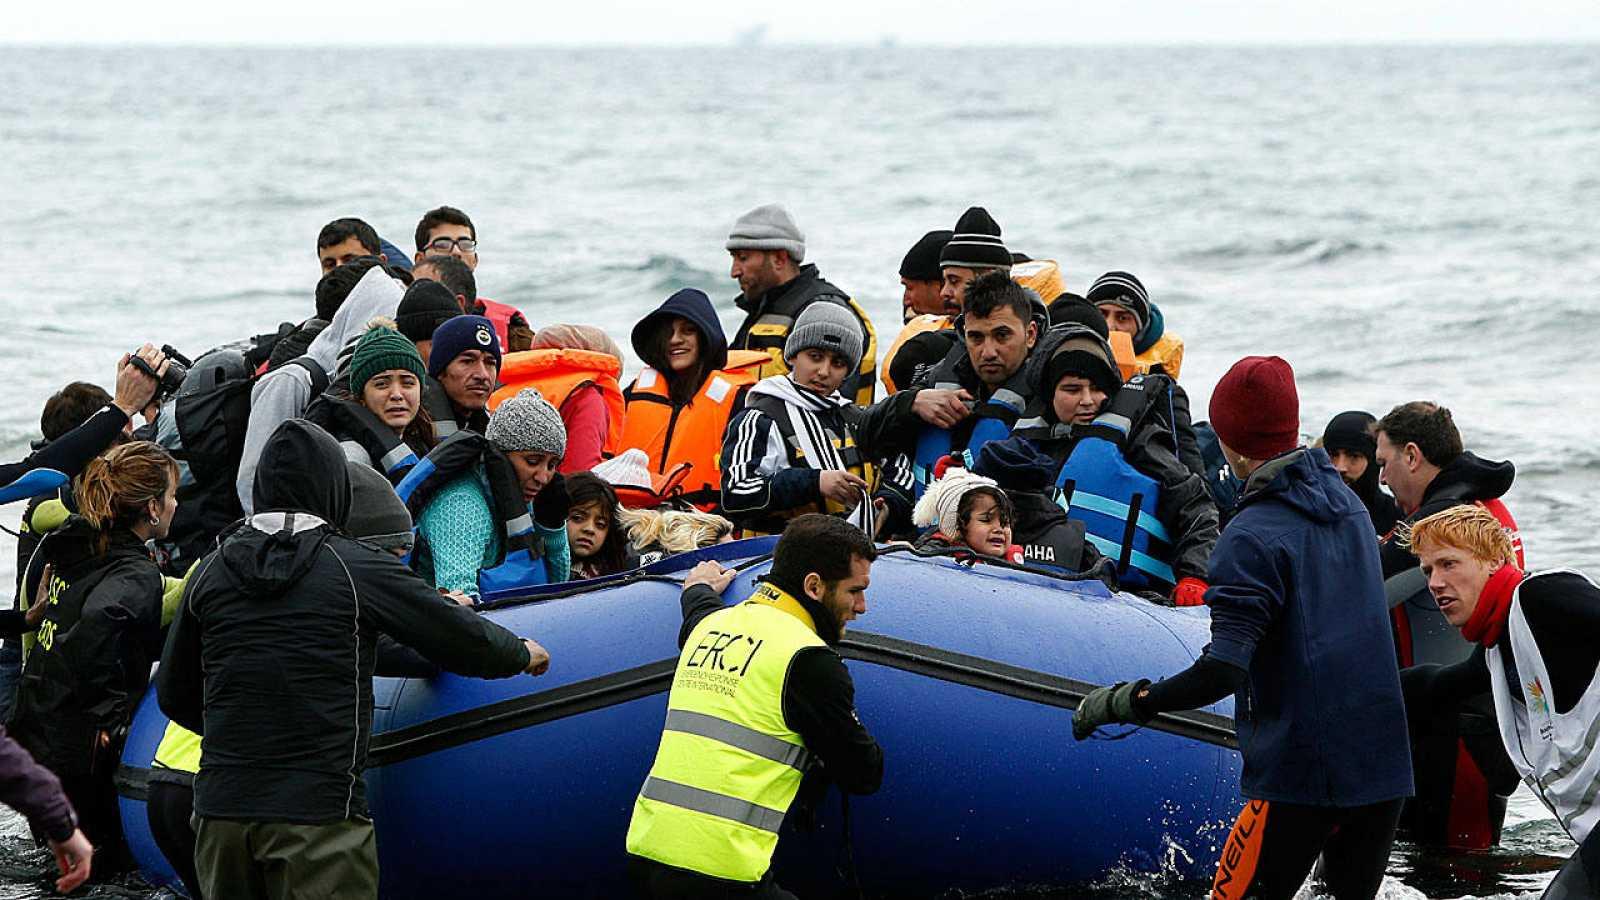 Voluntarios acuden al rescate de un grupo de refugiados y migrantes frente a la isla griega de Lesbos este viernes.